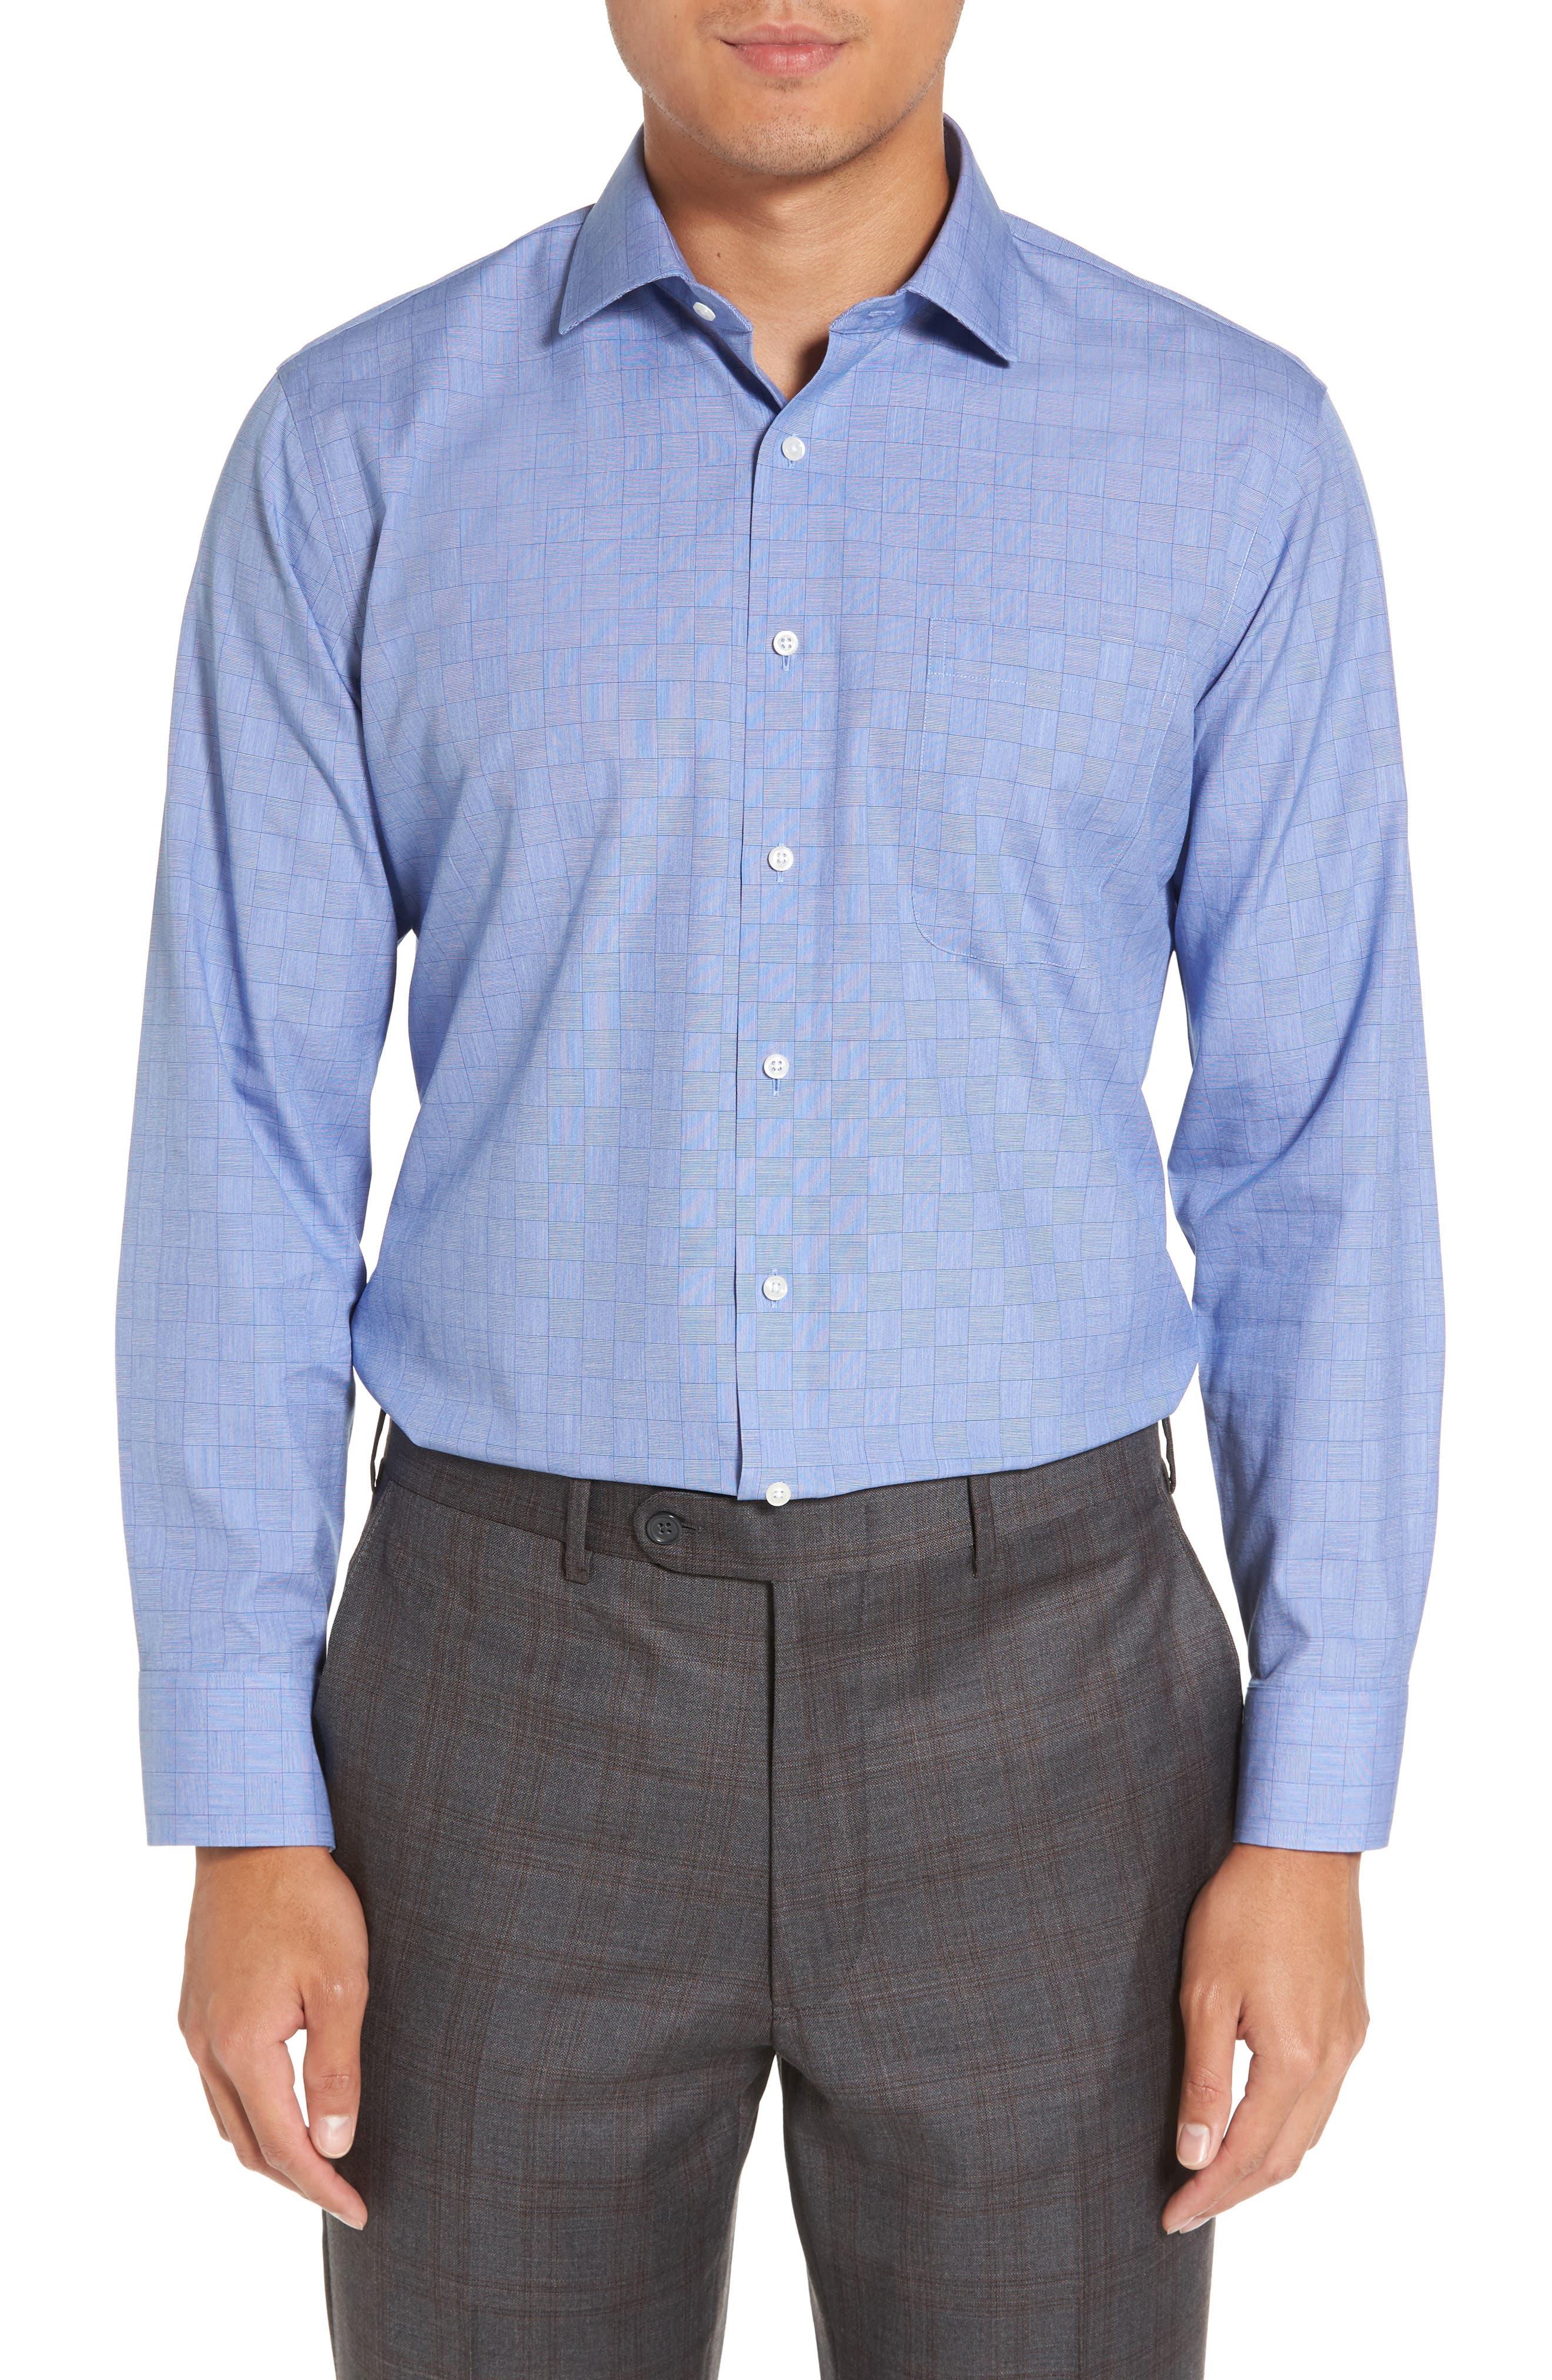 Smartcare<sup>™</sup> Trim Fit Check Dress Shirt,                             Main thumbnail 1, color,                             450